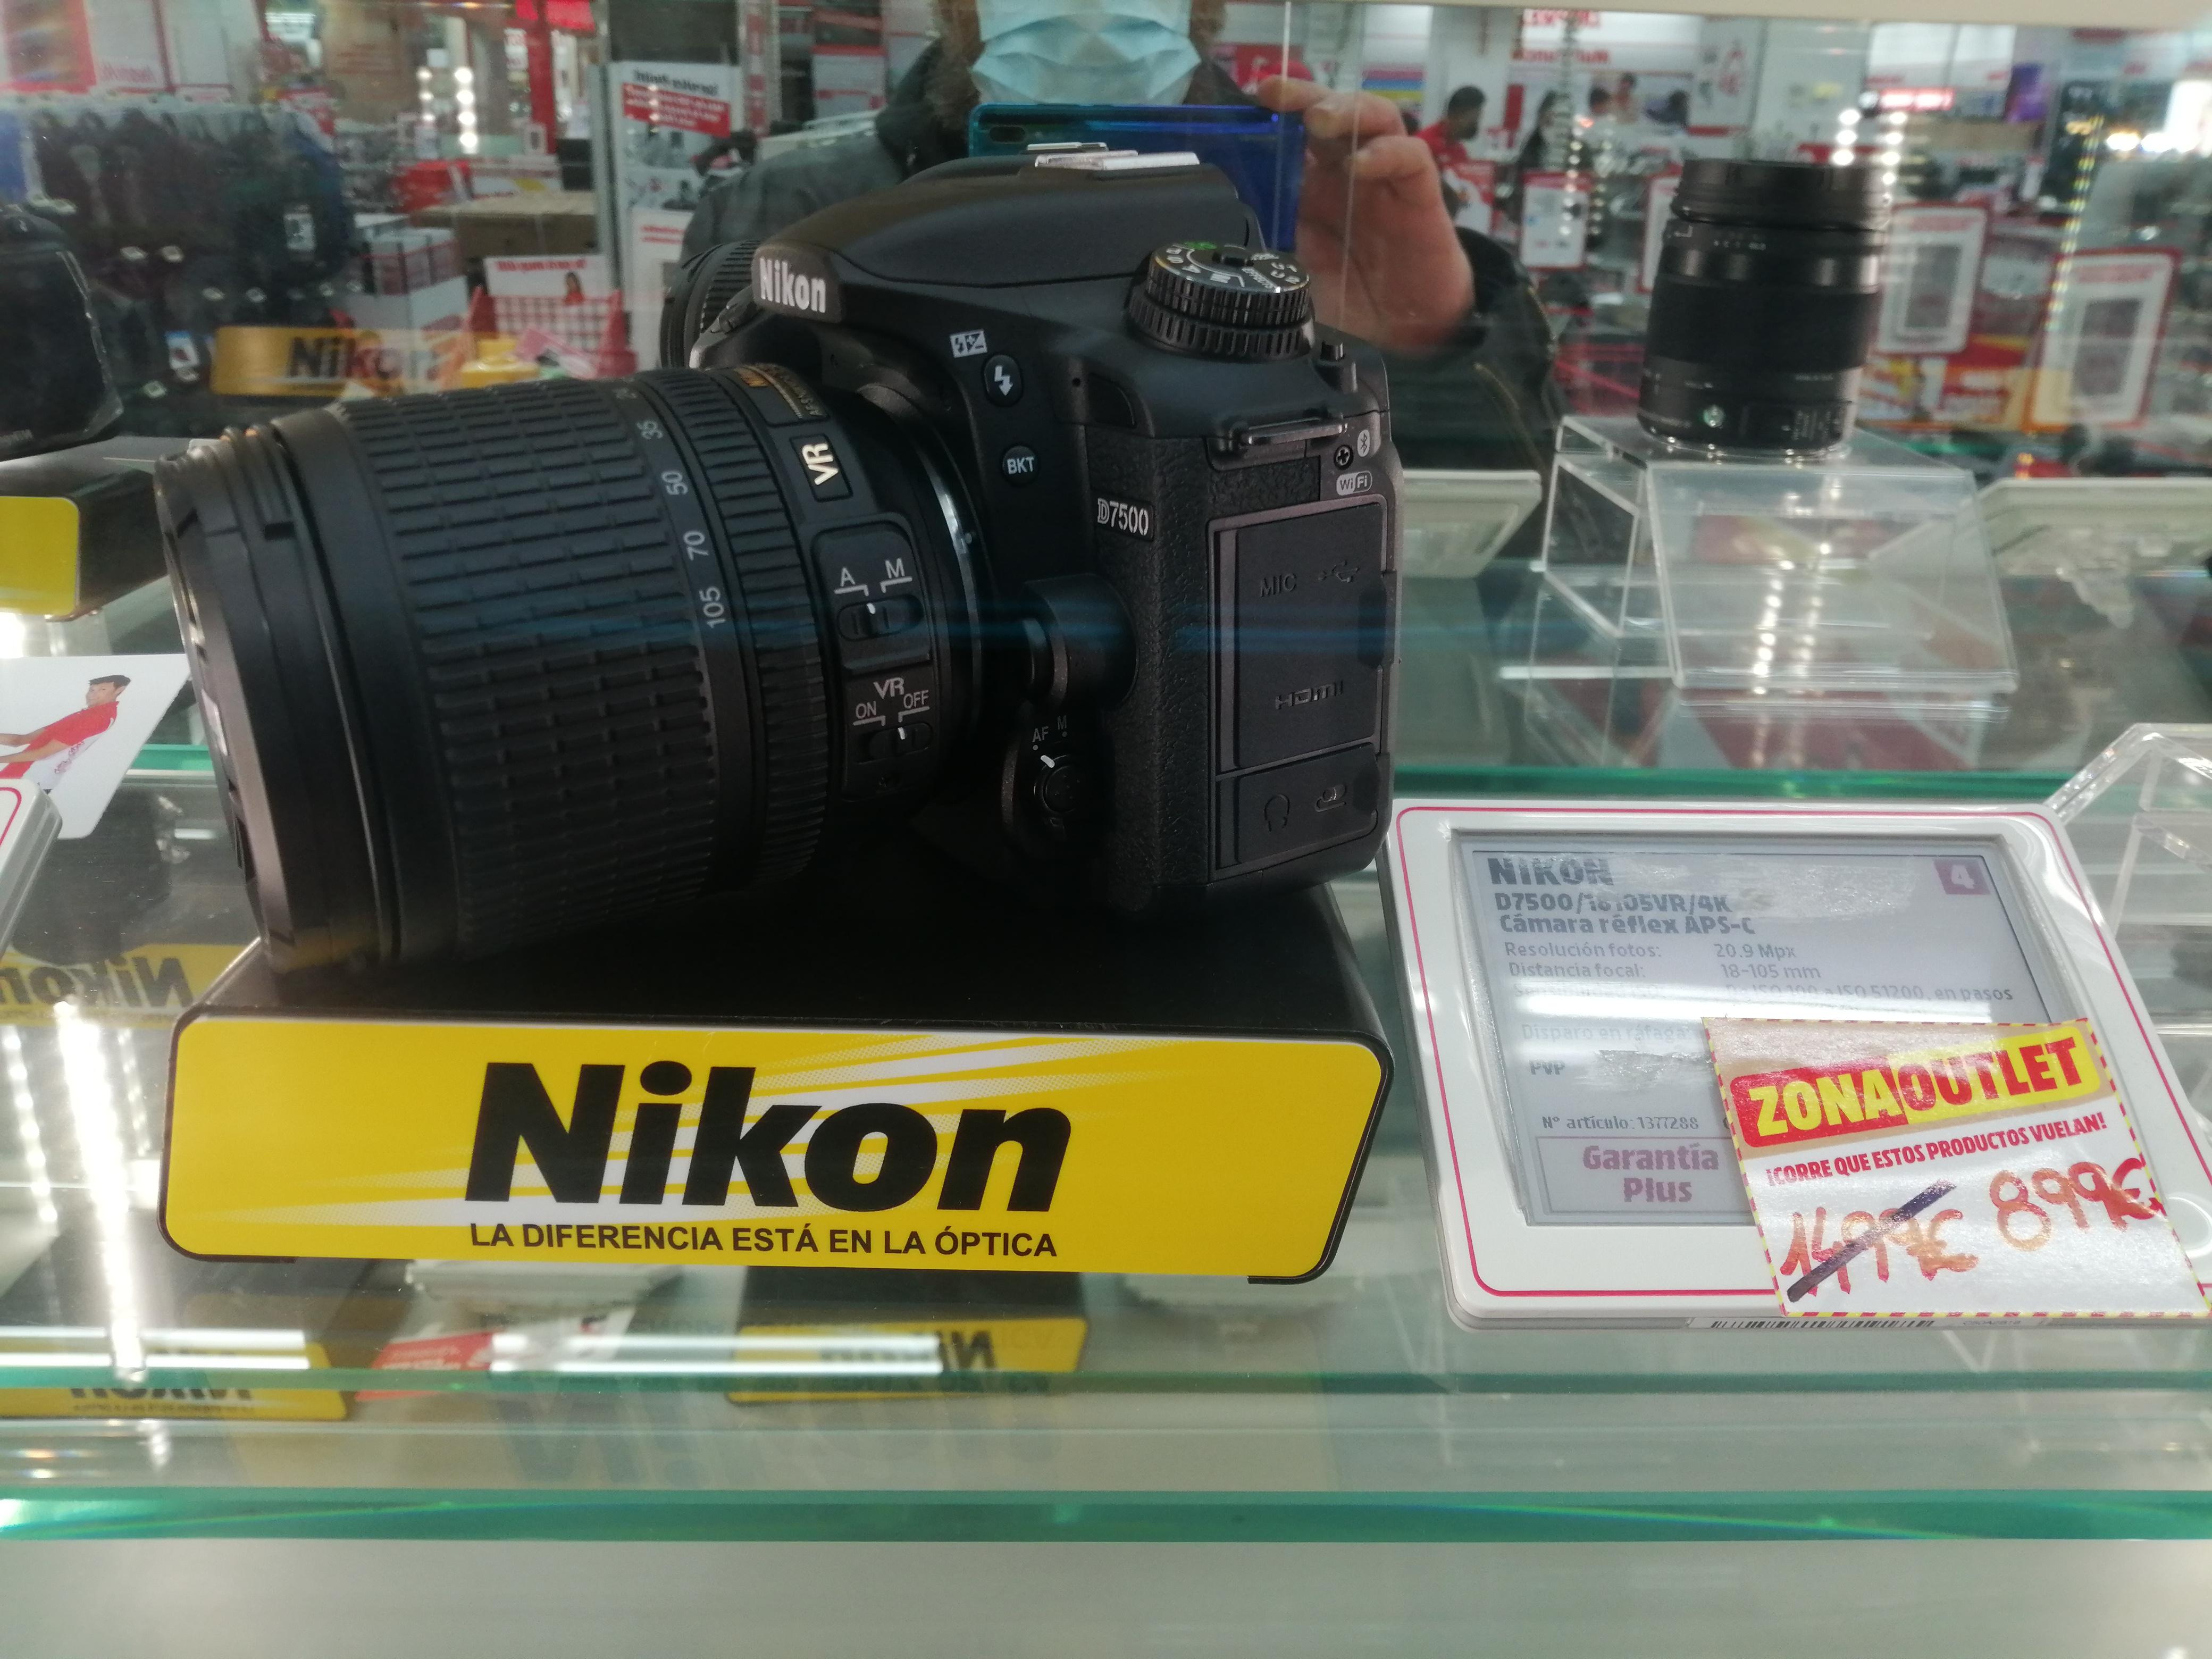 Nikon D7500 + Lente 18-105mm (Madrid - Mediamarkt Castellana200)